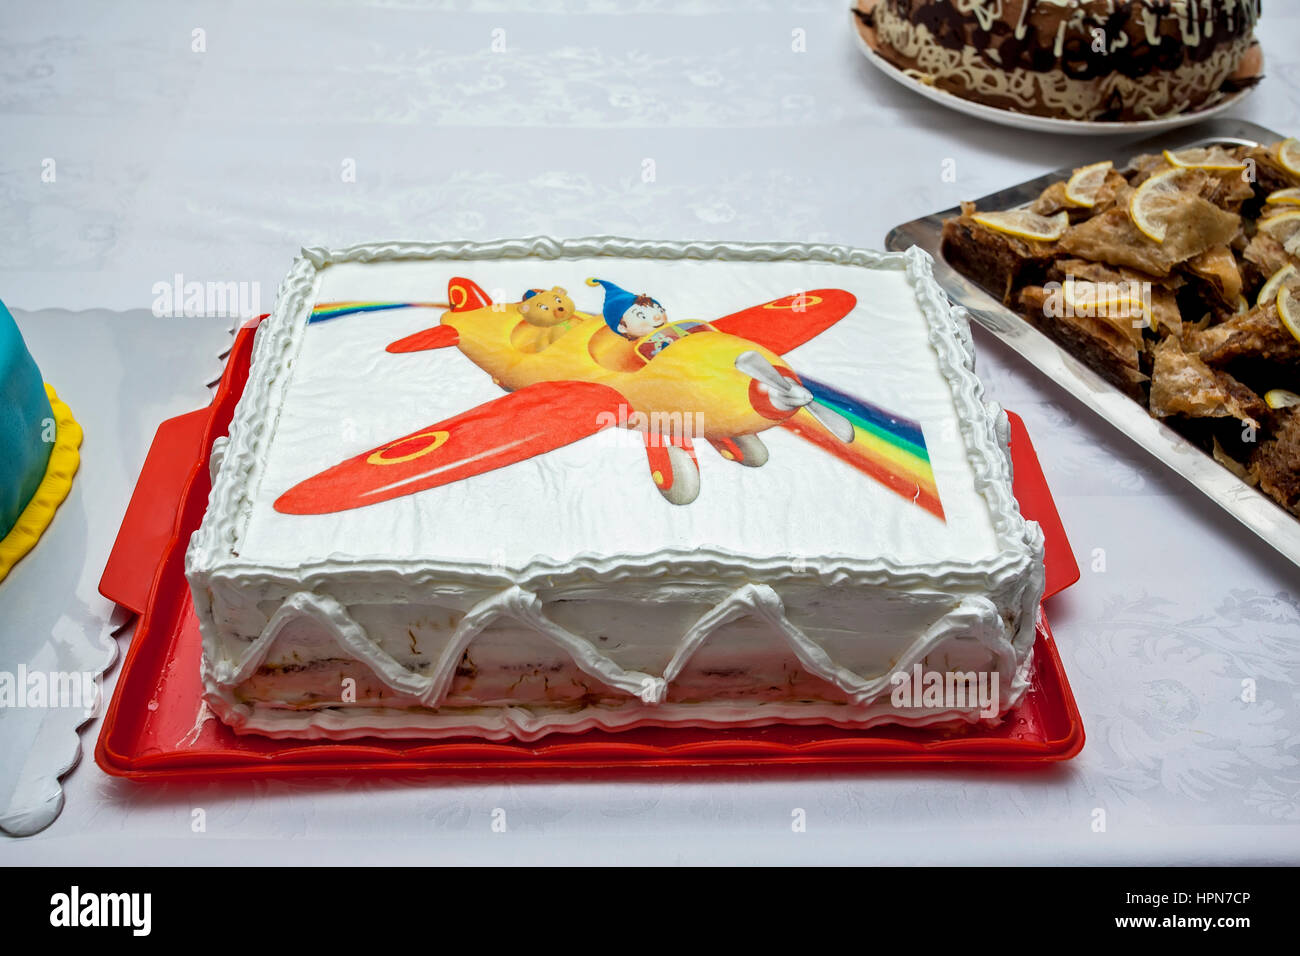 Beautiful Birthday Cakes Homemade For Children